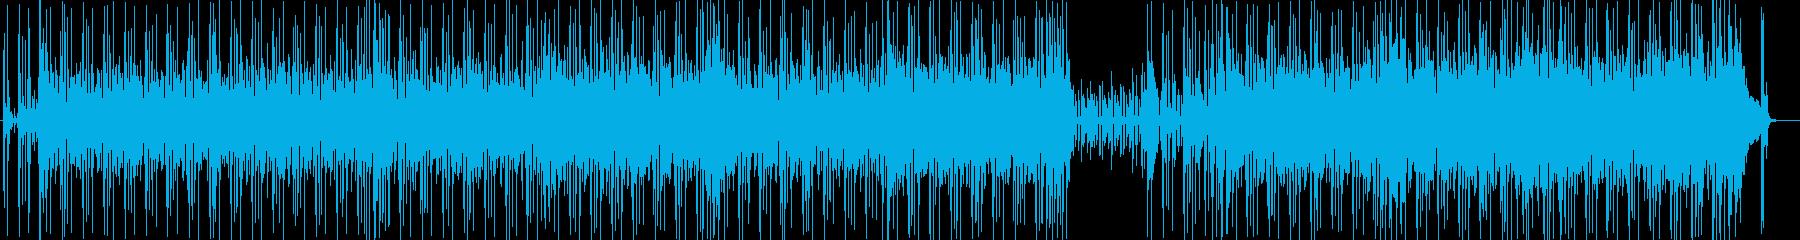 クラビとワウギターのファンキーなジャムの再生済みの波形